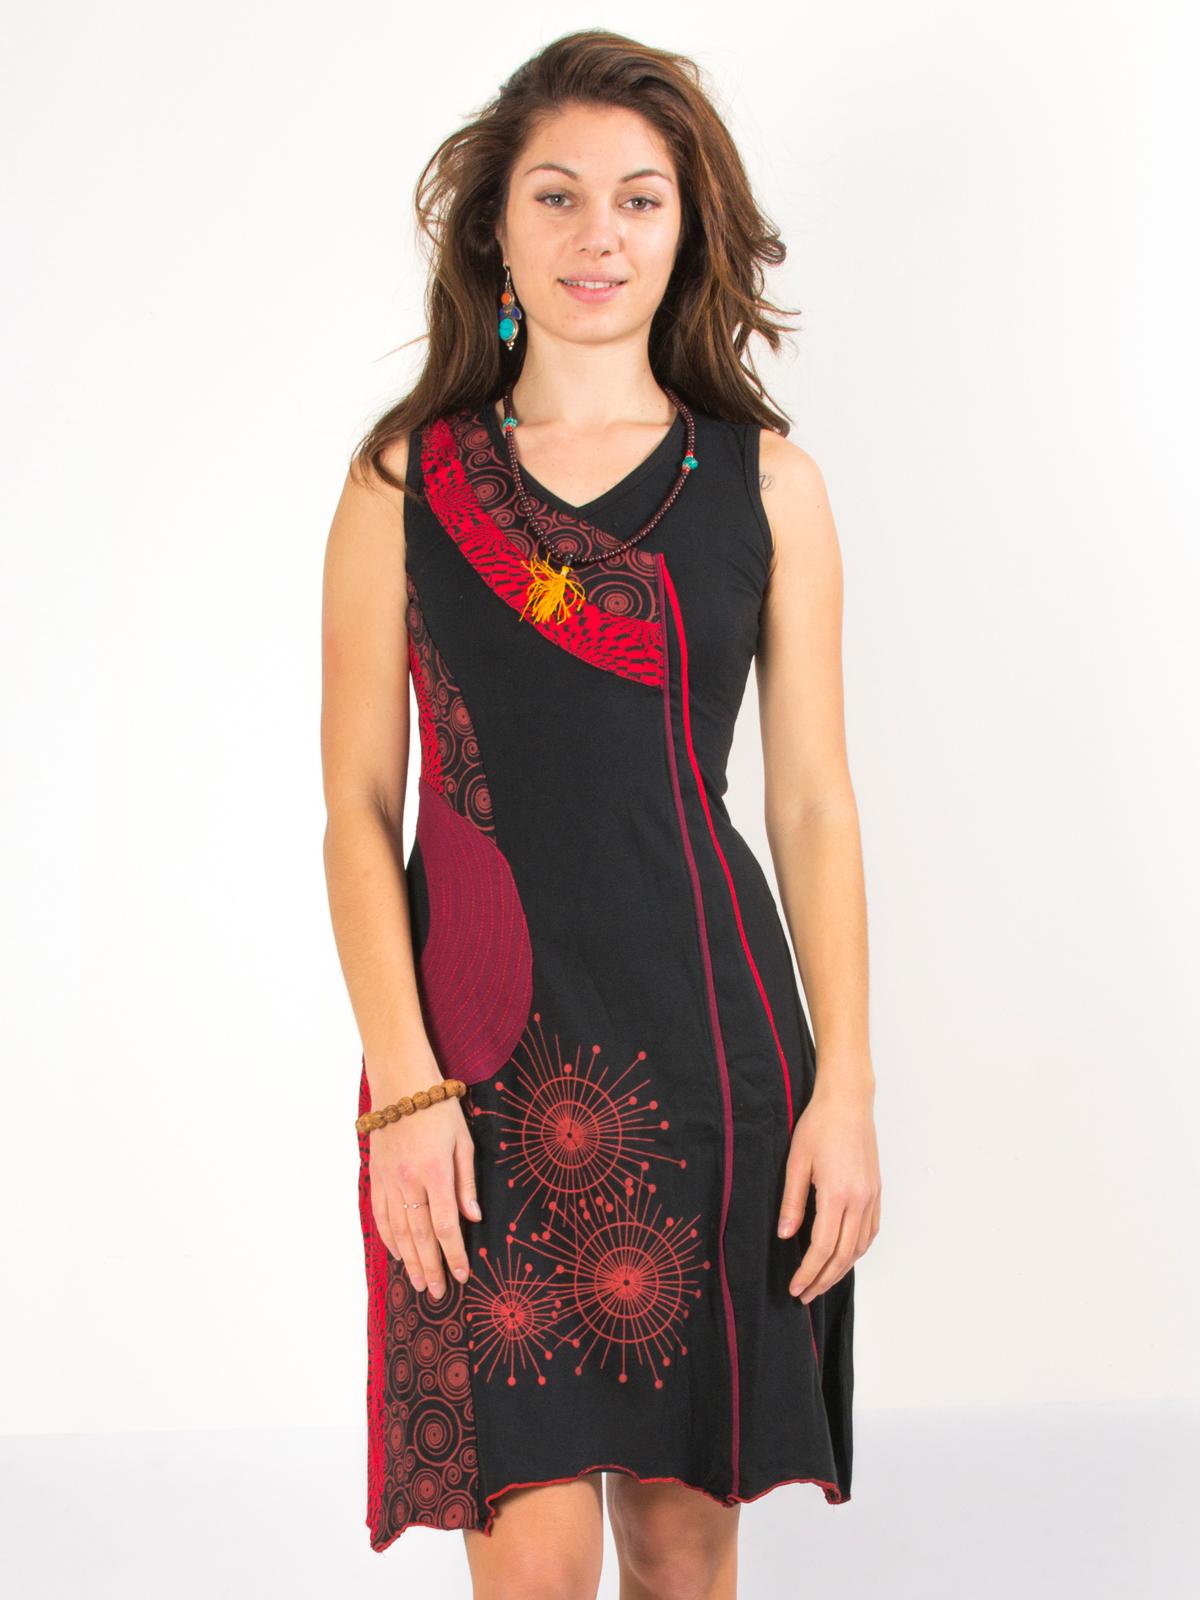 Rouge Aux Robe Noire Motifs Et 1fjtlc3ku Psychédéliques PkiOXTZu